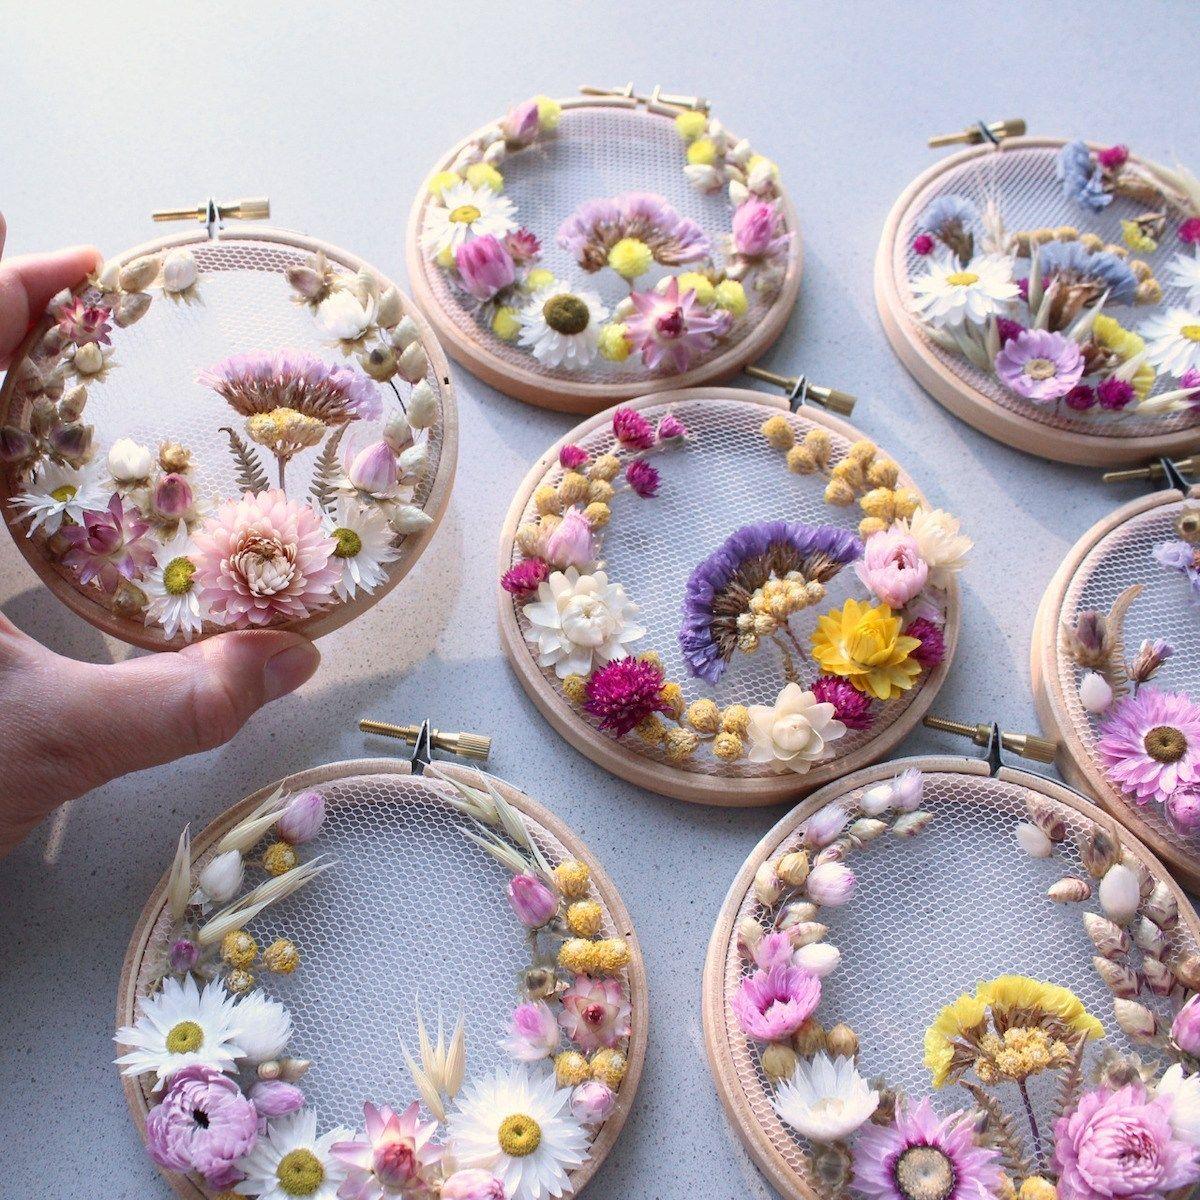 Comment Faire Un Tableau Avec Du Tissu fleurs séchées diy : 9 idées - blog déco | faire sécher des